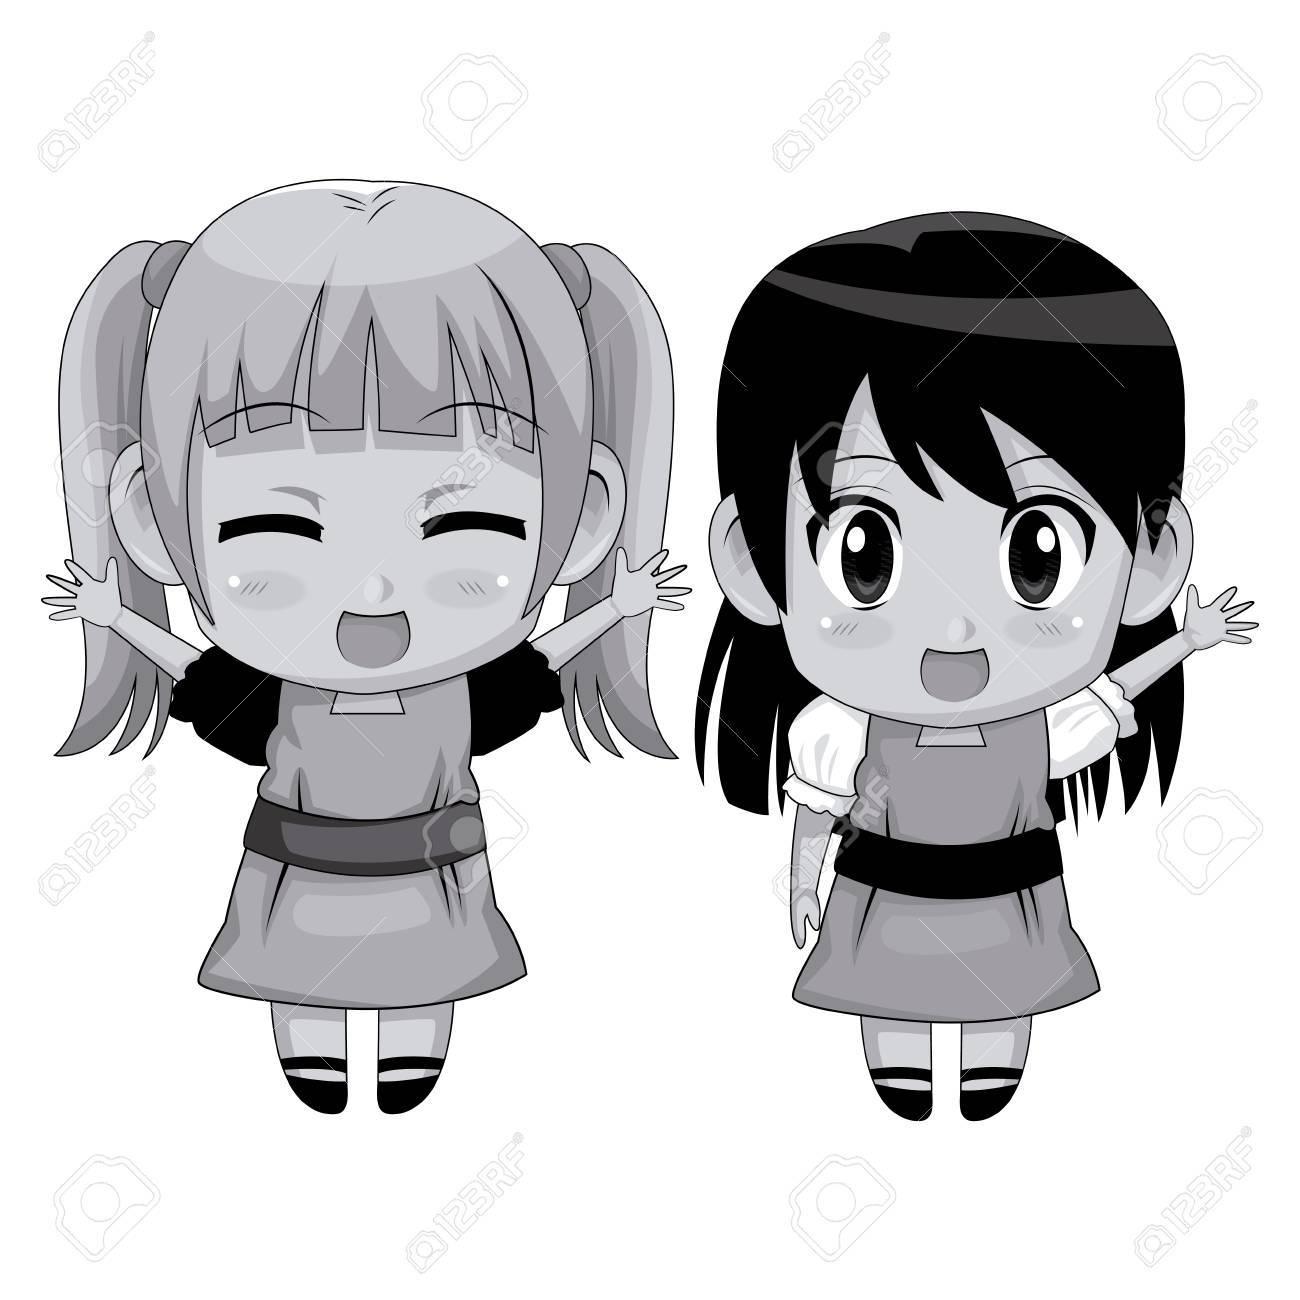 Moderno Plantillas De Anime Bandera - Ejemplo De Colección De ...